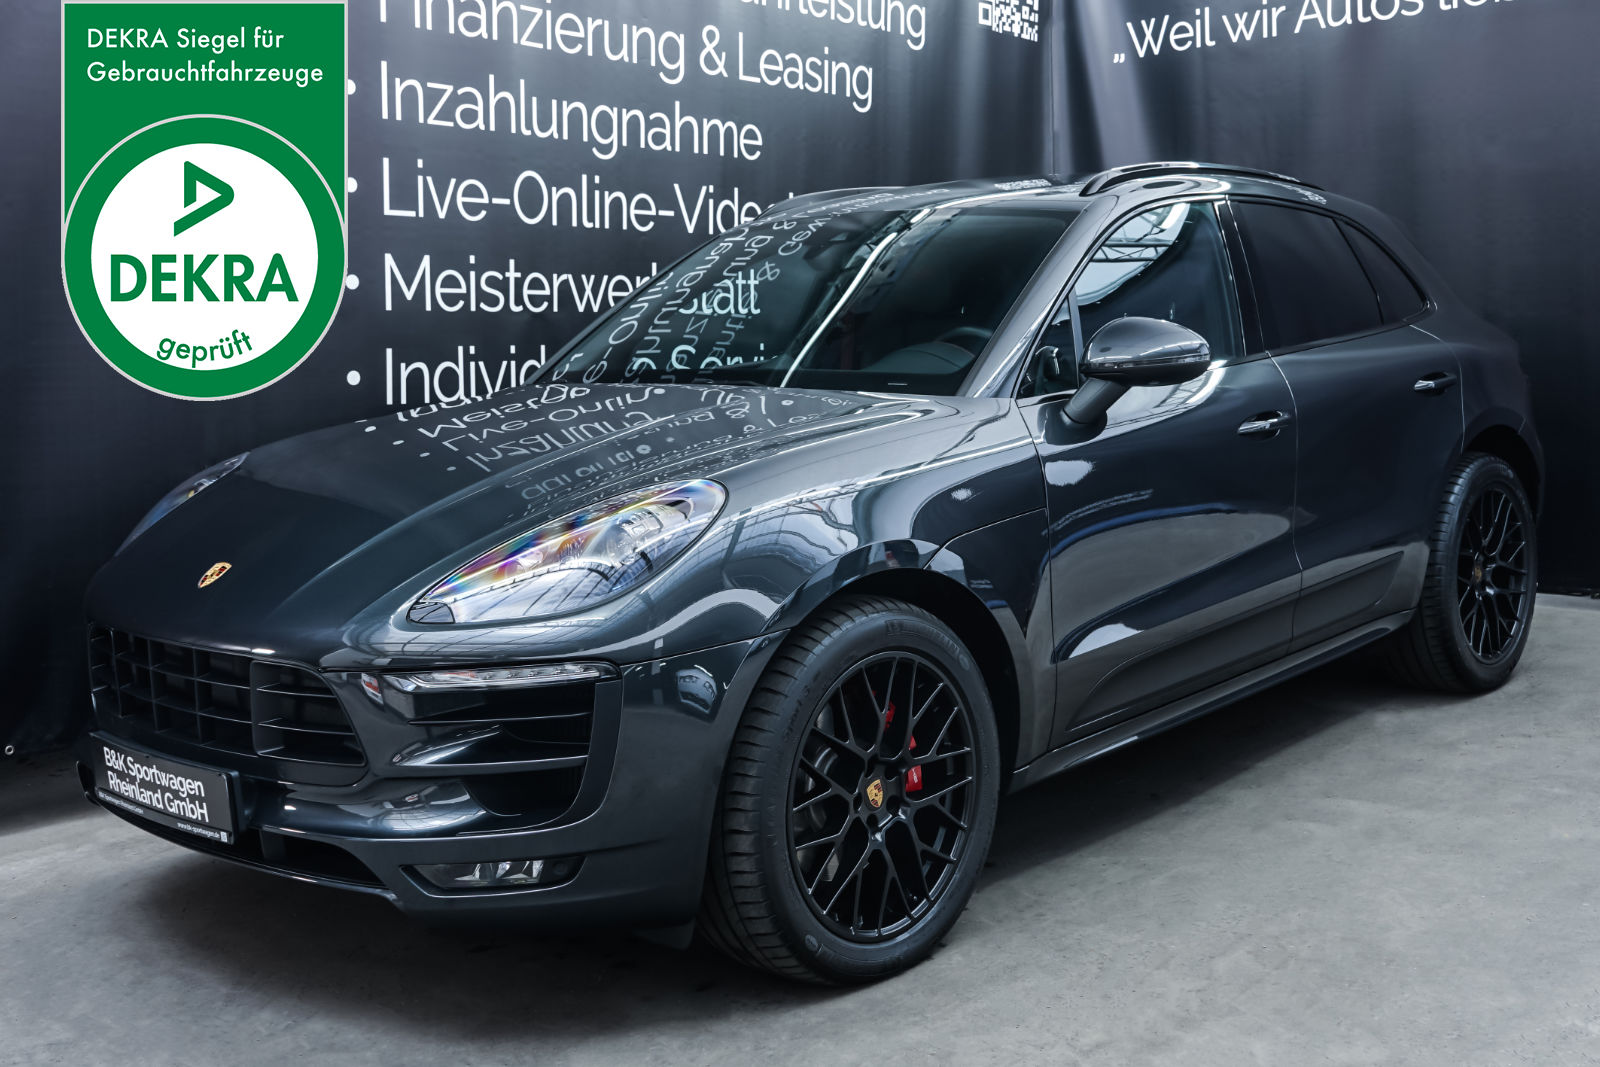 Porsche_Macan_GTS_Dunkelgrau_Schwarz_POR-8174_Plakette_w